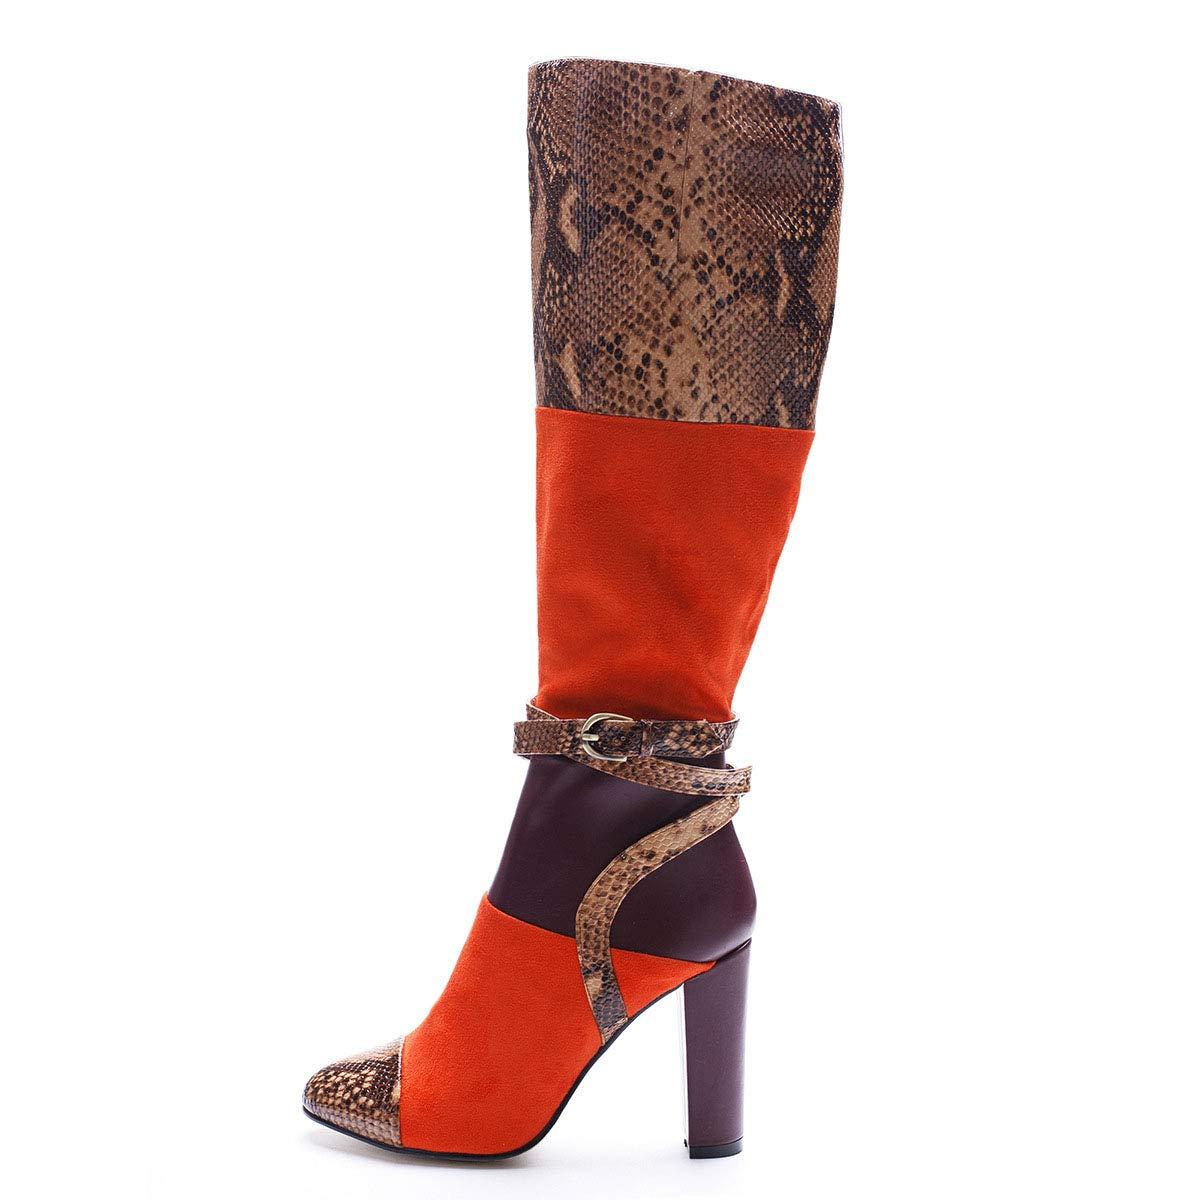 女性の厚いヒールのブーツハイブーツのスエードのロングブーツ女性のハイヒールの増加ファッションシューズのブーツ (色 : A, サイズ : 39) B07JGNPFS7 39 A A 39